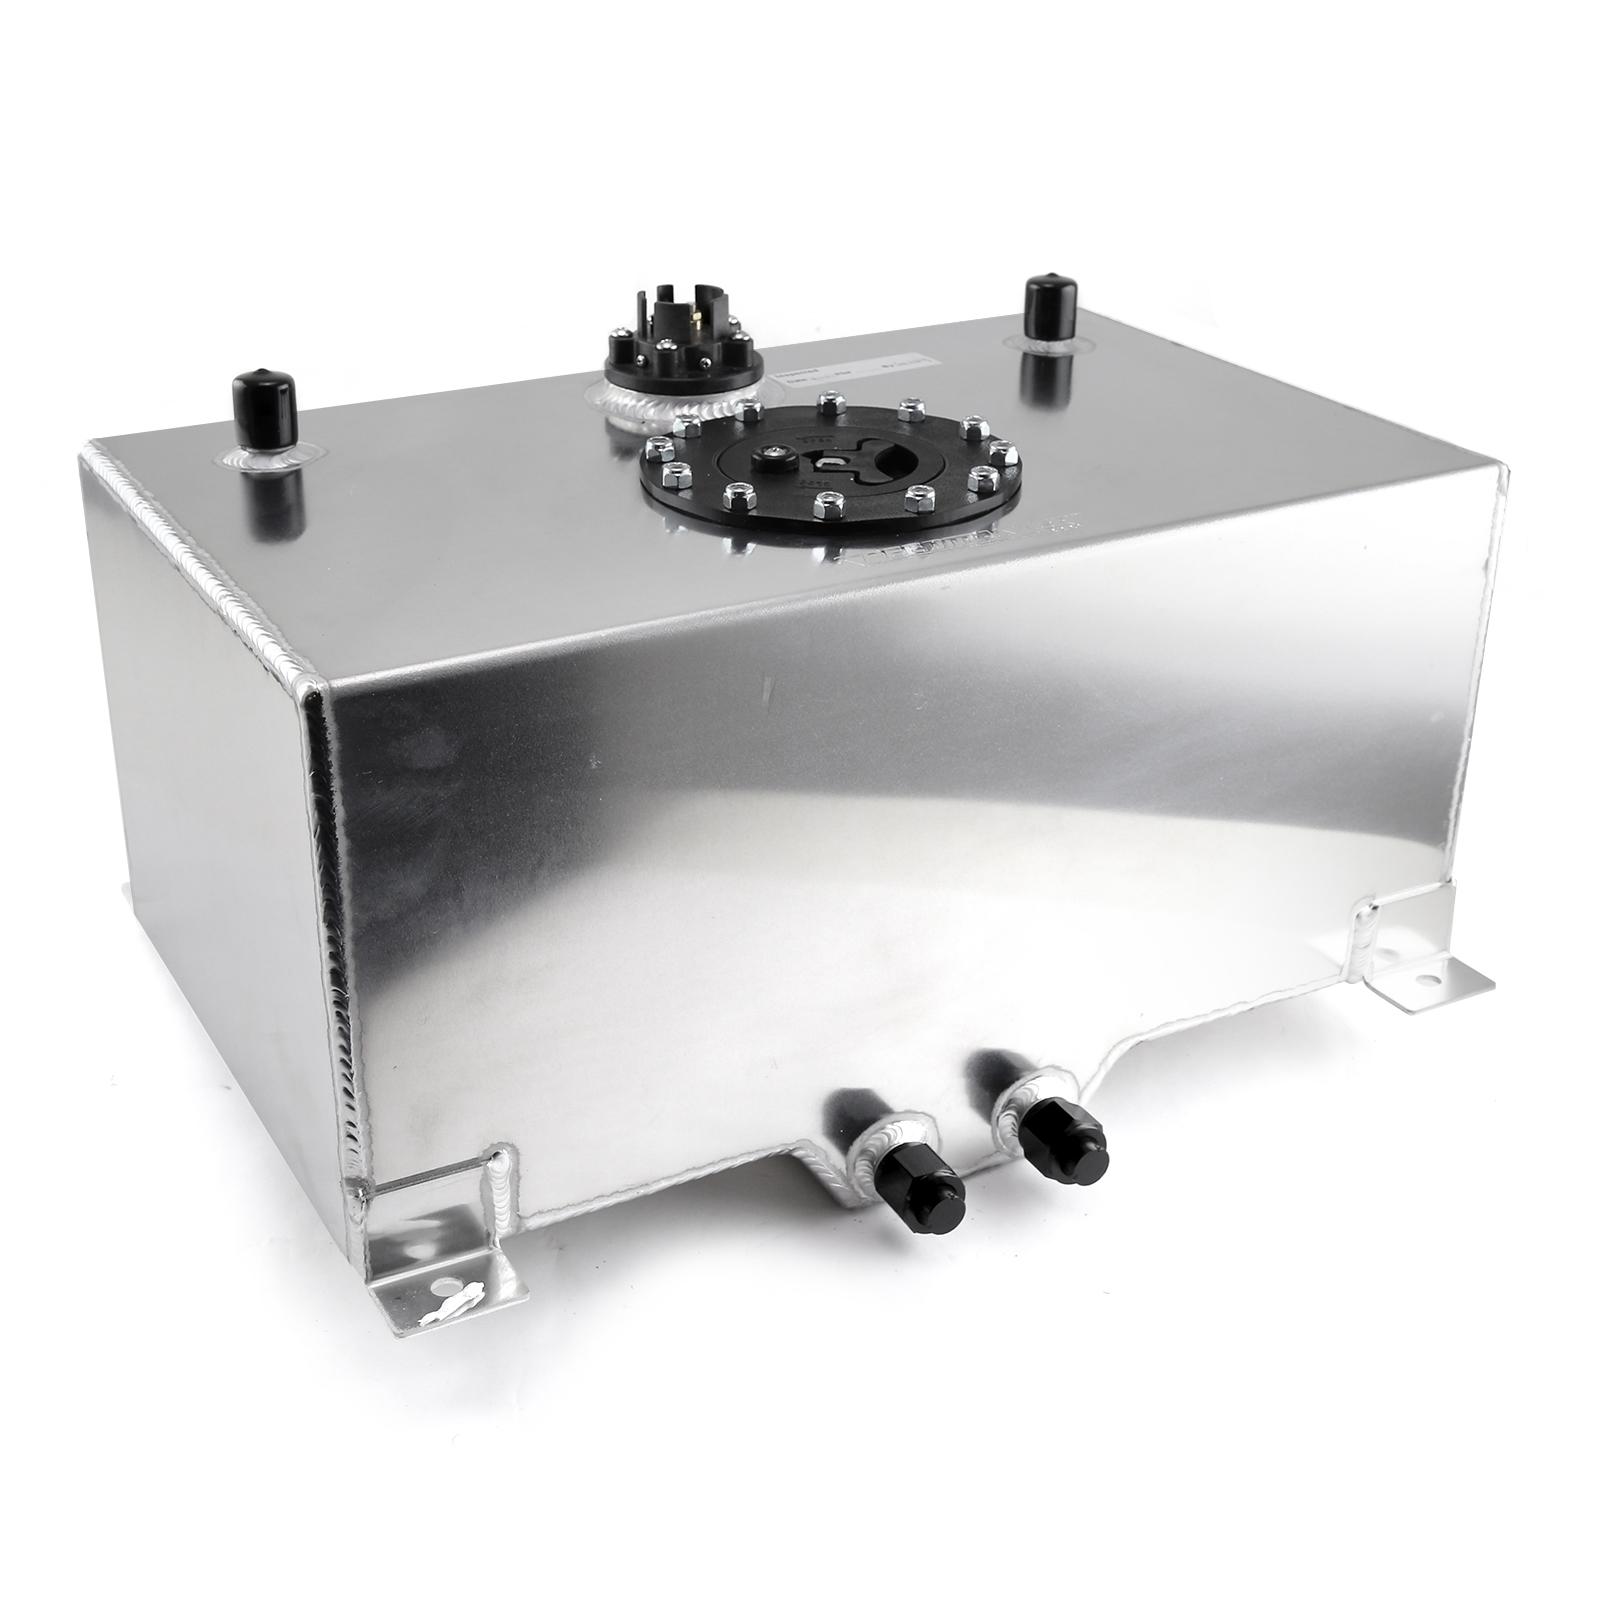 8 Gallon / 30 Litre Aluminum Fuel Cell w/Sending Unit